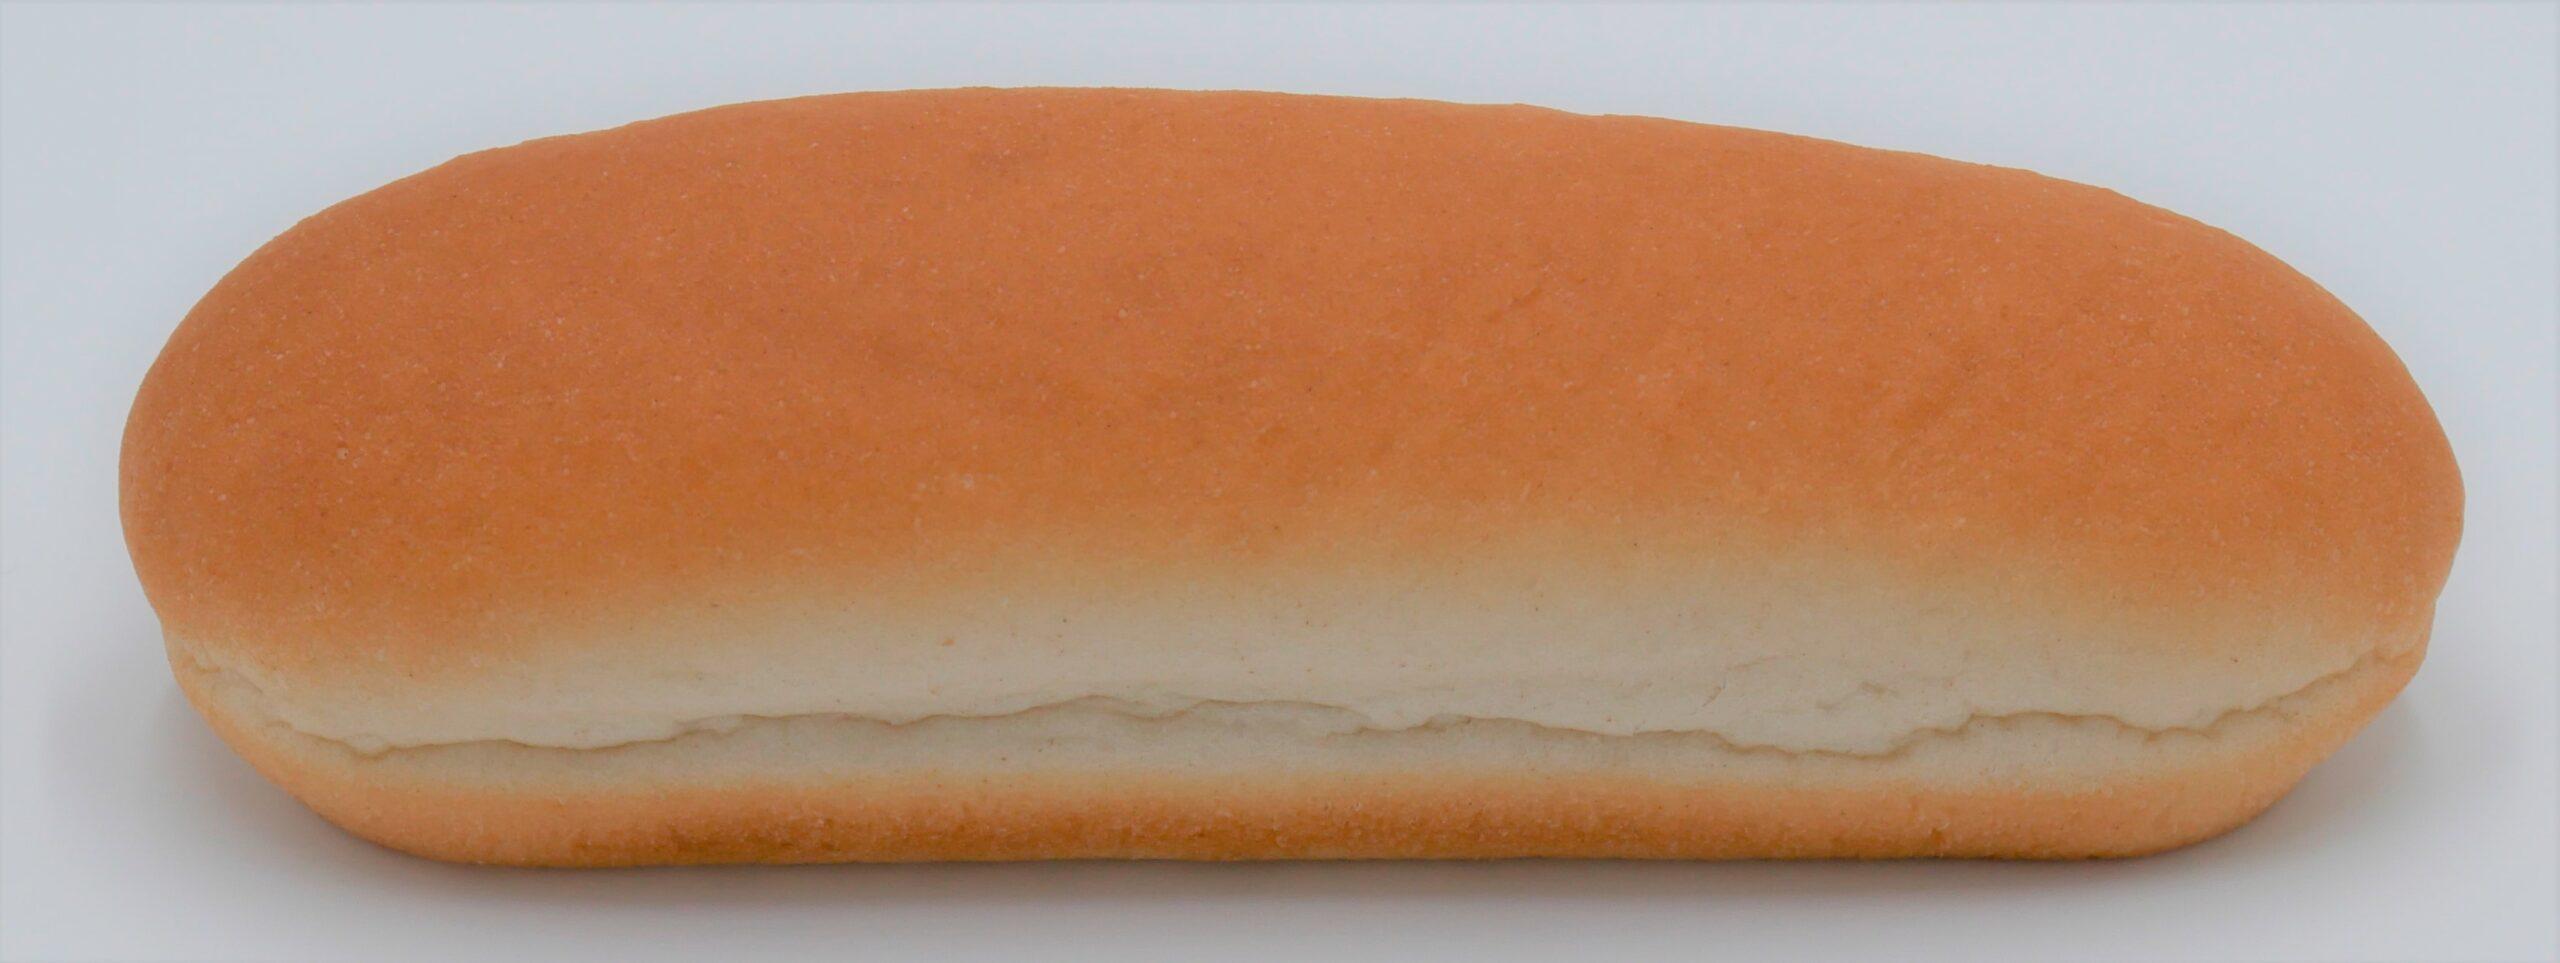 Hot Dog 80g Image